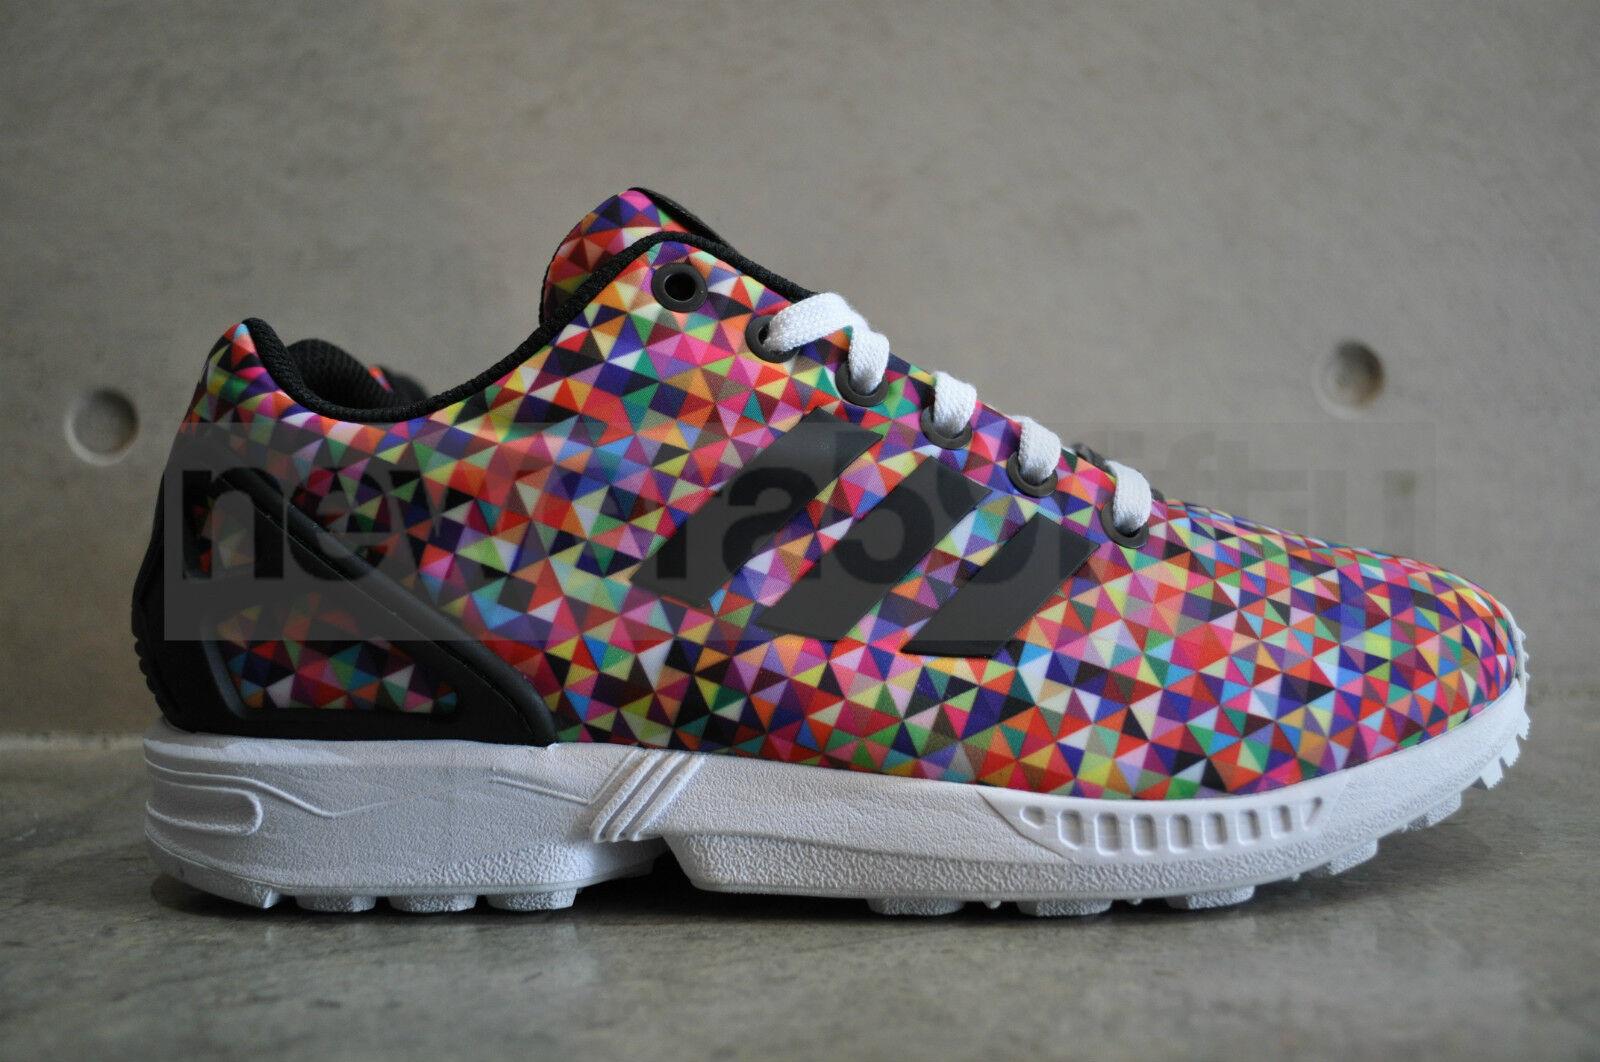 Adidas Prism ZX Flux Prism Adidas Multi Multicolor - M19845 a72762